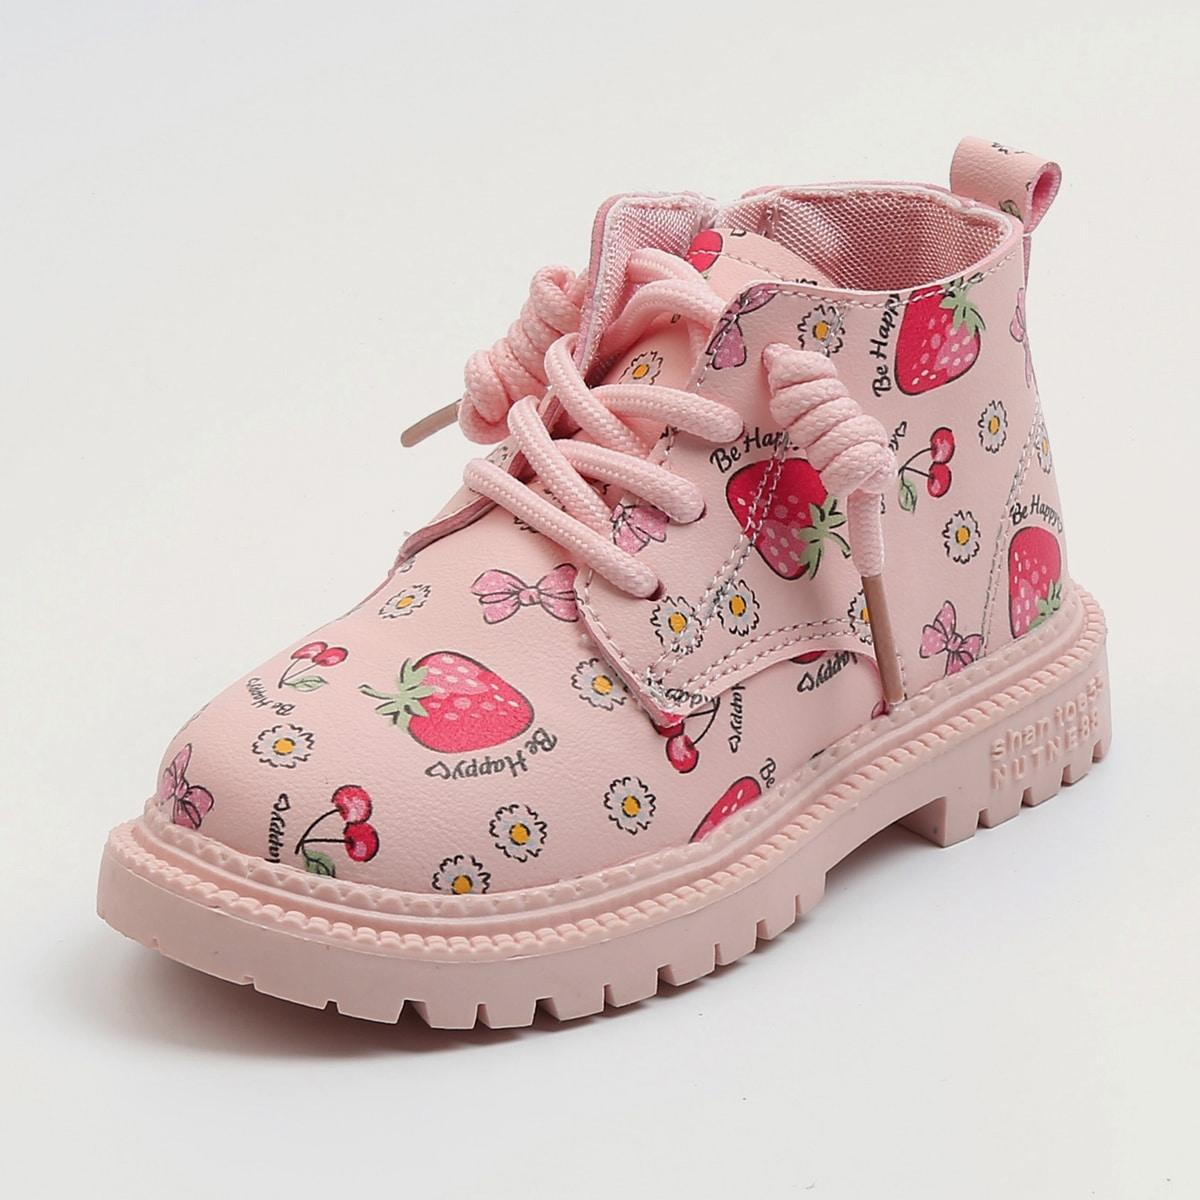 SHEIN / Kleinkind Mädchen Stiefel mit Band vorn und Obst Grafik